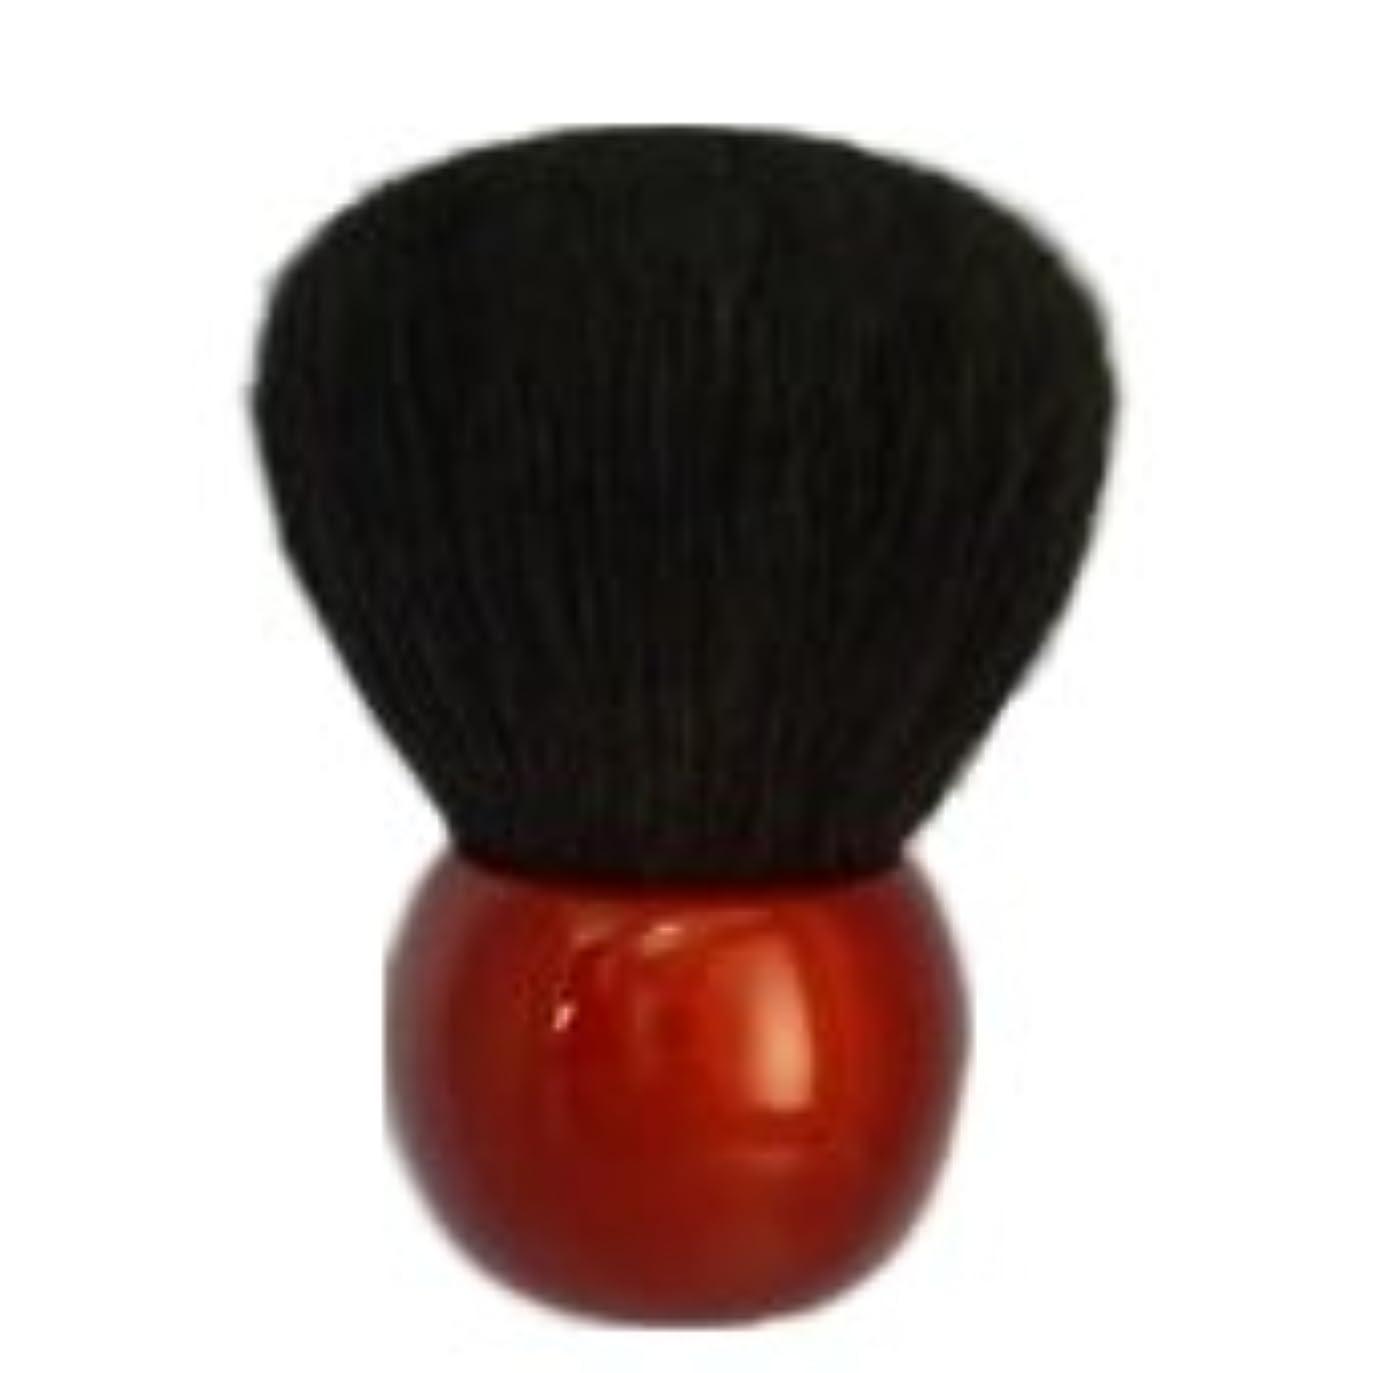 ナイトスポット尊敬するどのくらいの頻度でパウダーブラシ ダルマ  高級山羊 /熊野筆/宮尾産業化粧筆(メイクブラシ) MA-1